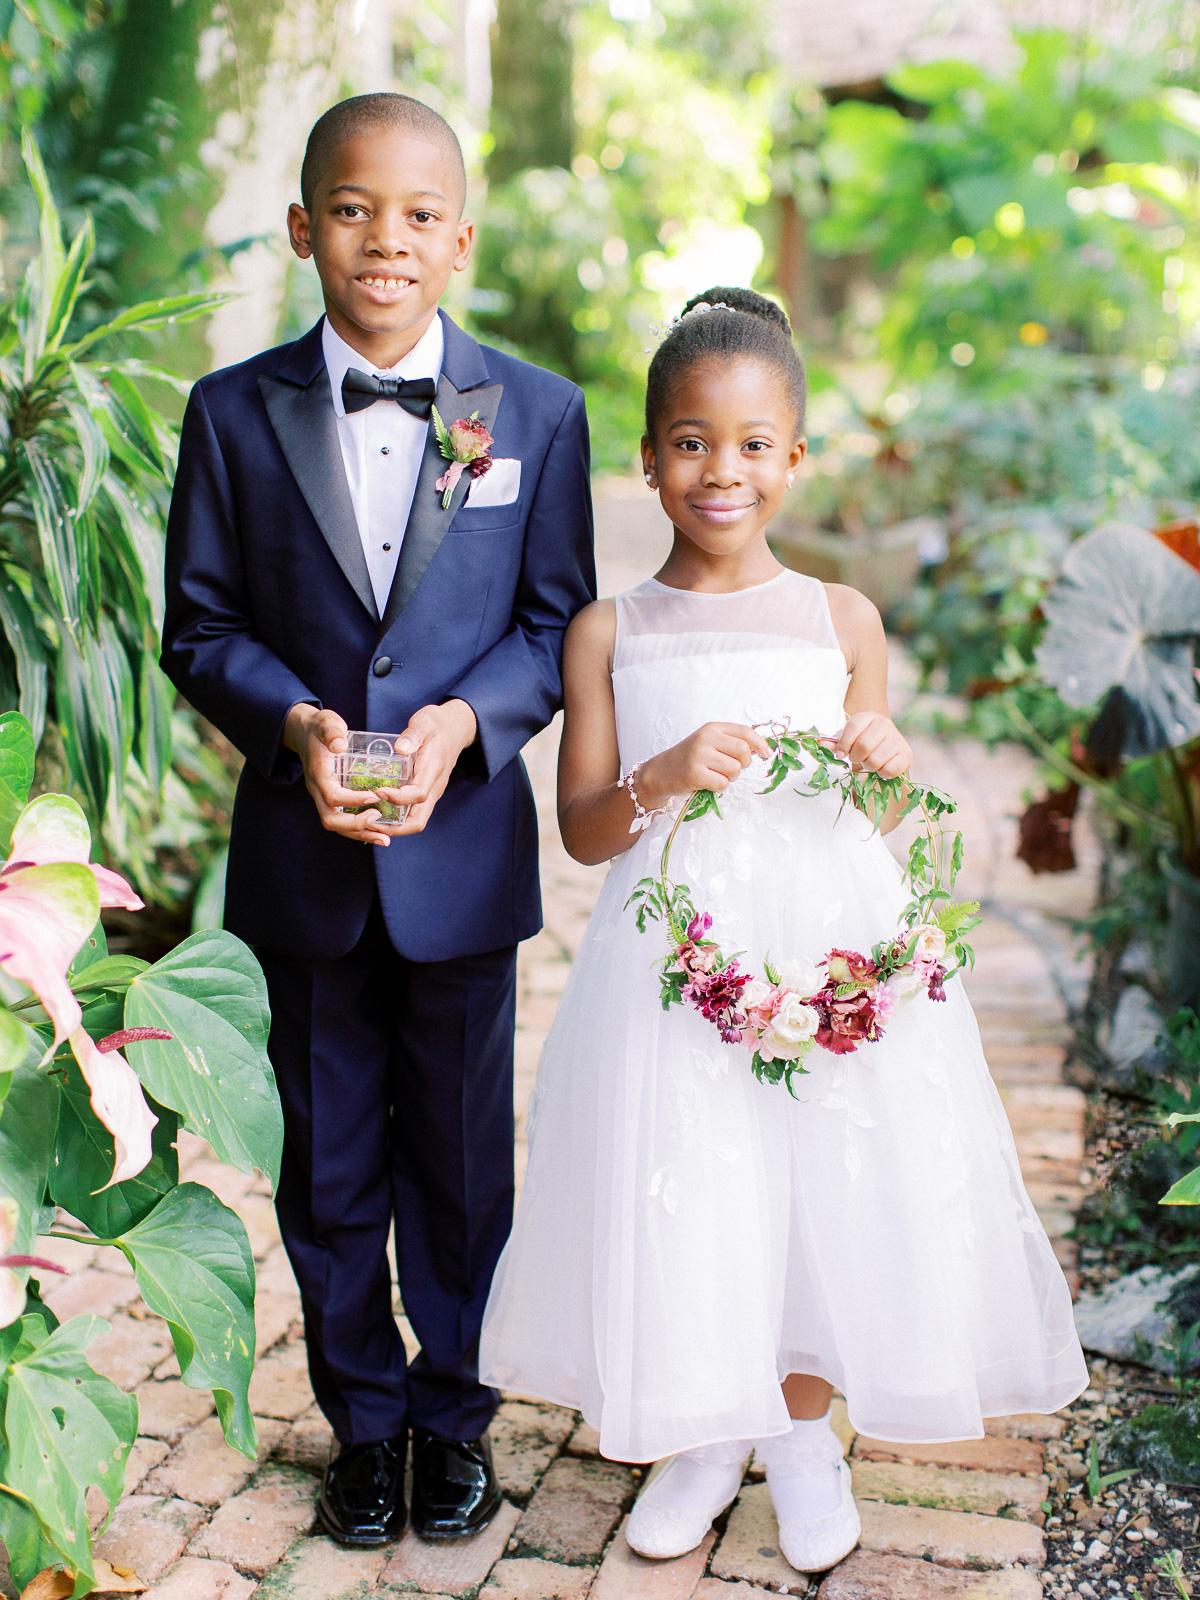 melissa lindsey wedding flower girl and ring bearer